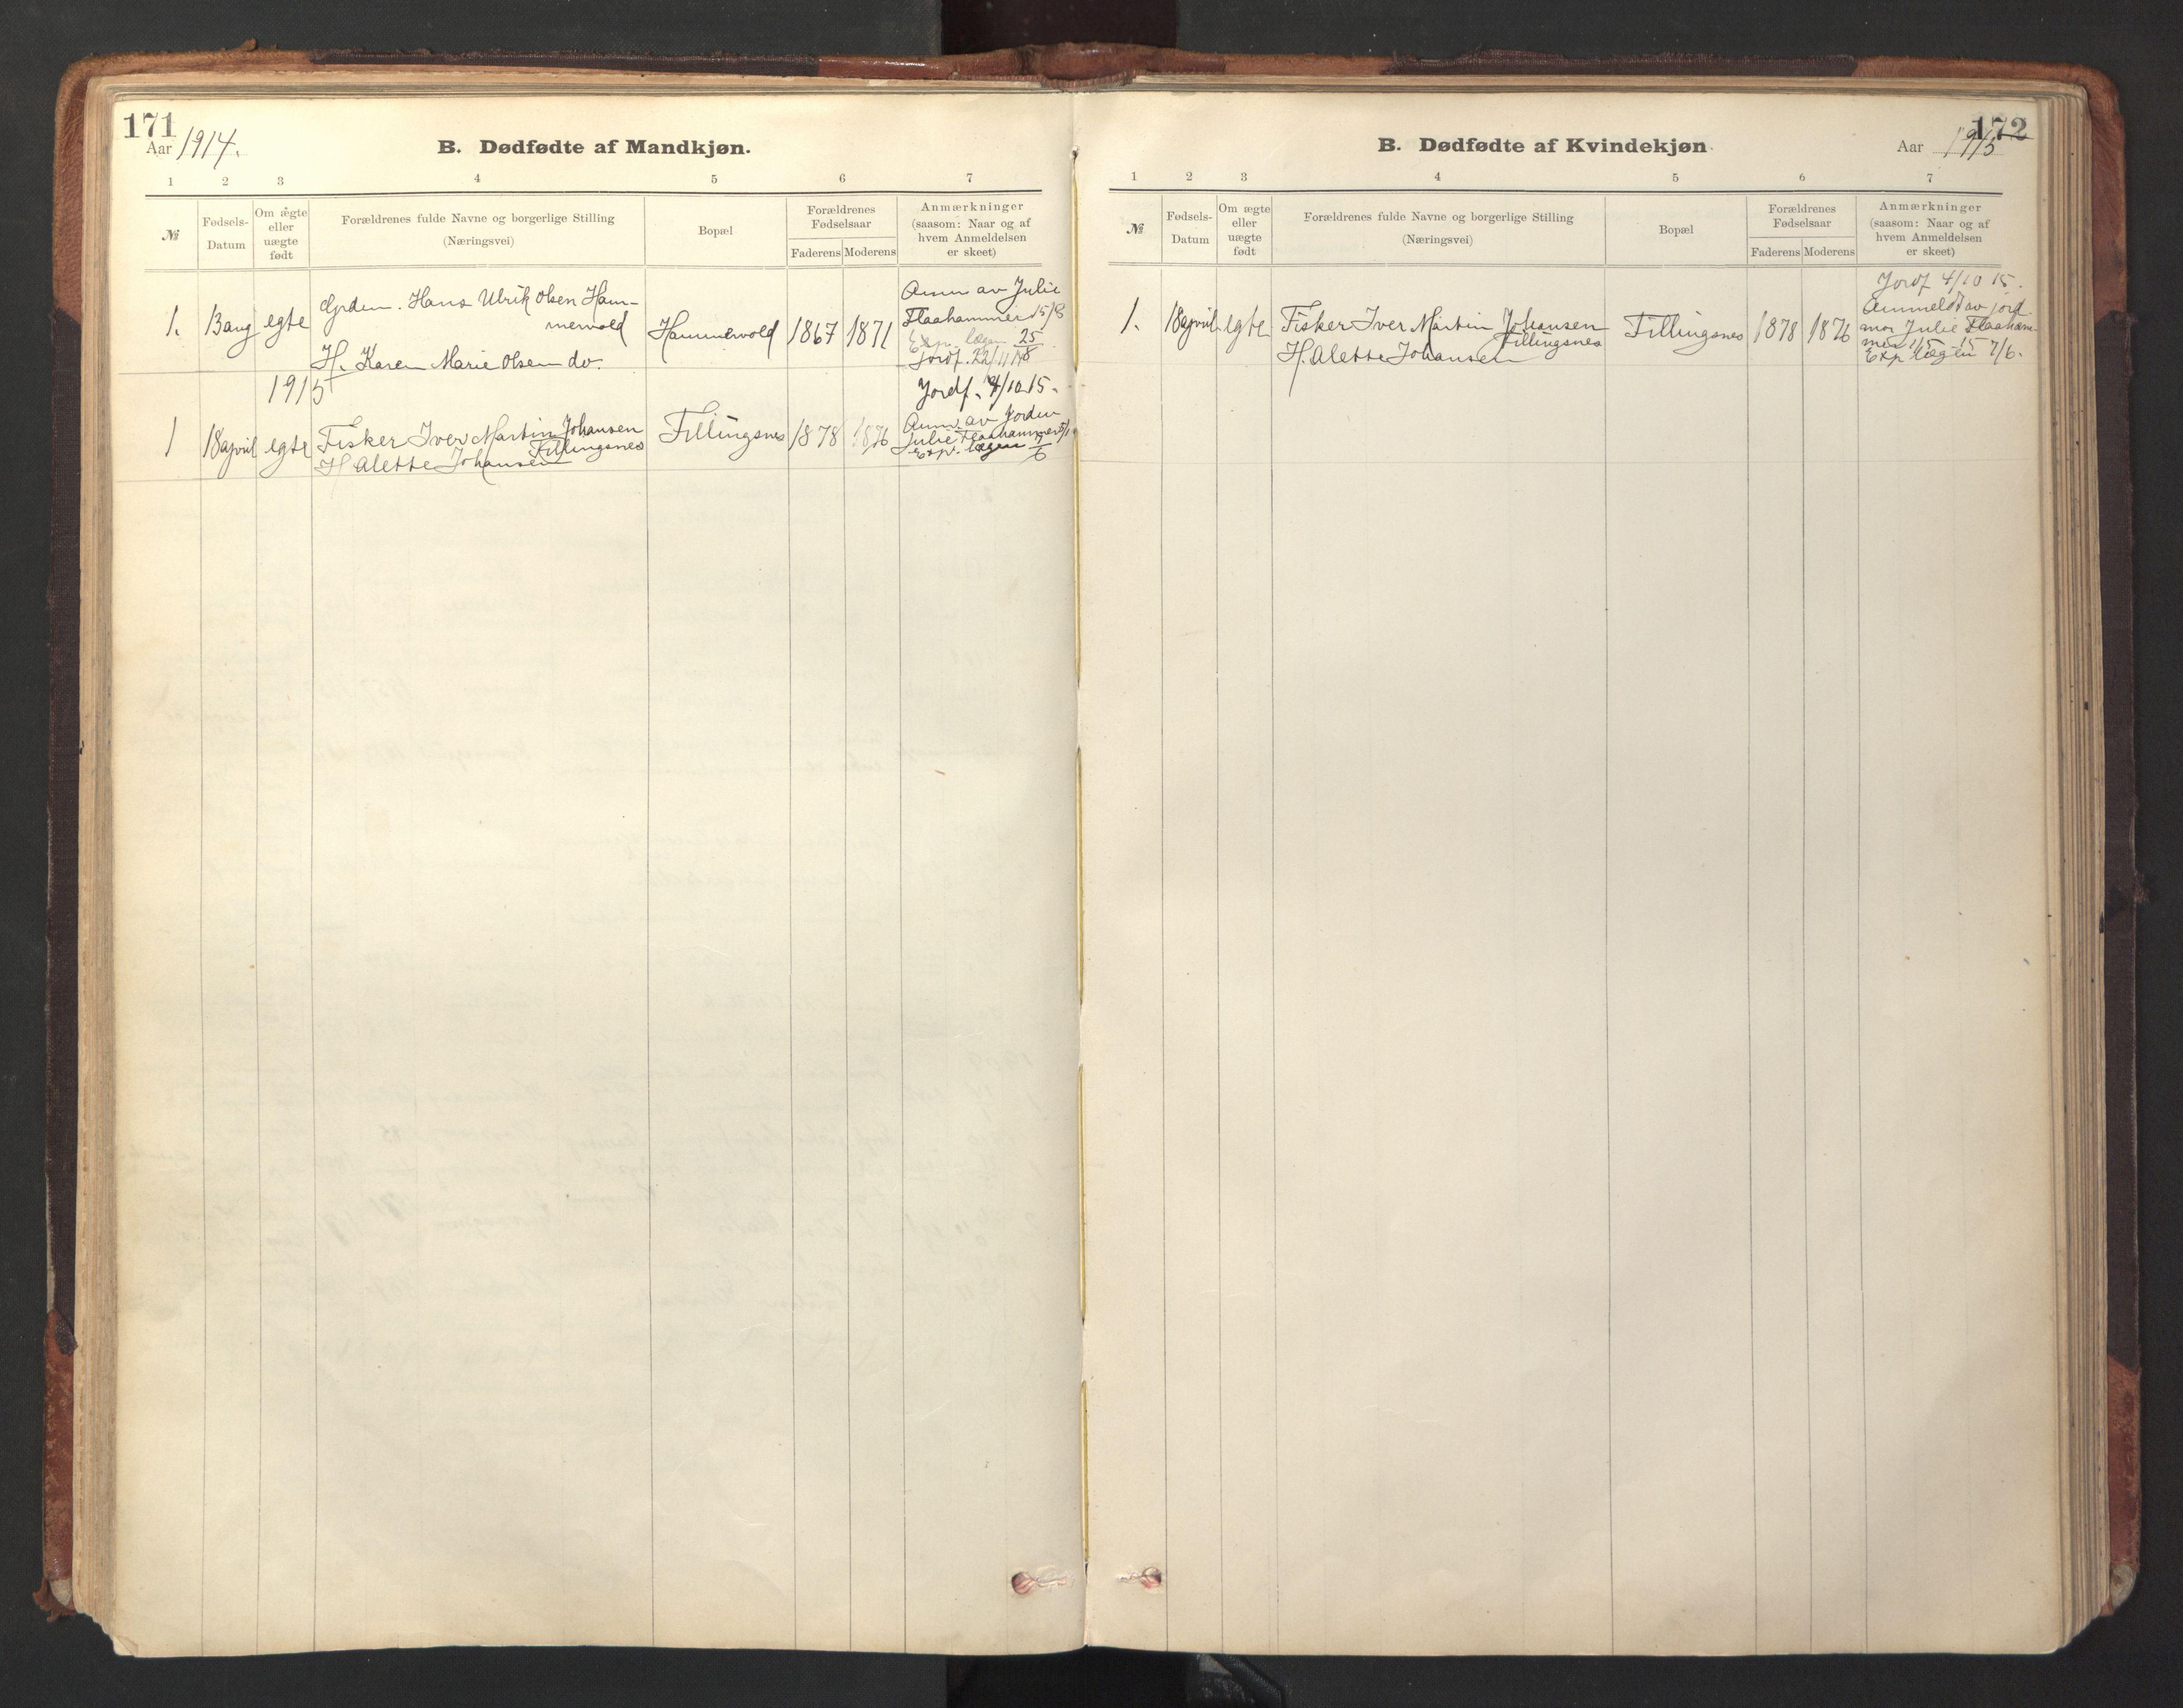 SAT, Ministerialprotokoller, klokkerbøker og fødselsregistre - Sør-Trøndelag, 641/L0596: Ministerialbok nr. 641A02, 1898-1915, s. 171-172